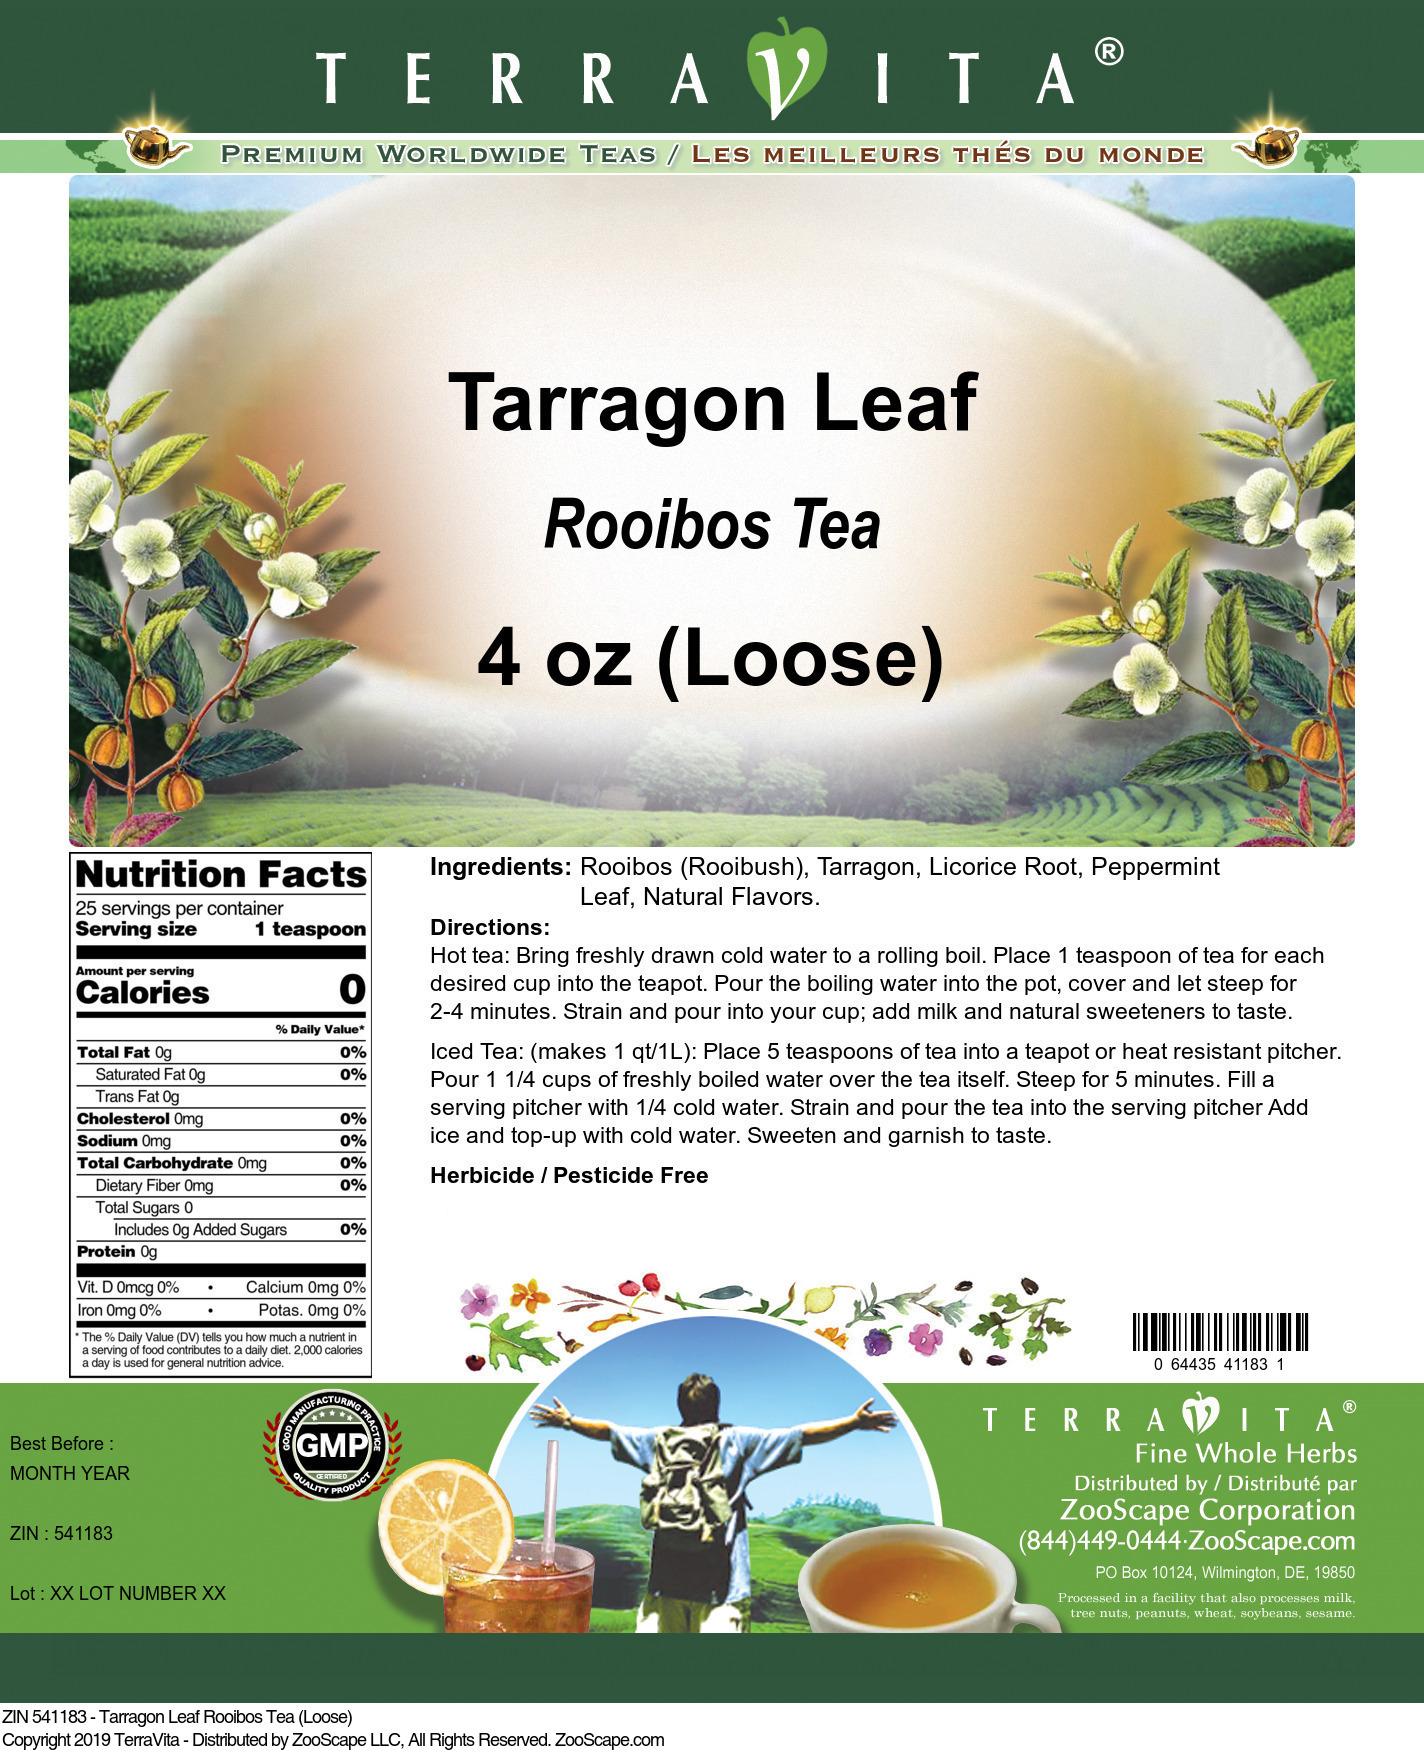 Tarragon Leaf Rooibos Tea (Loose)